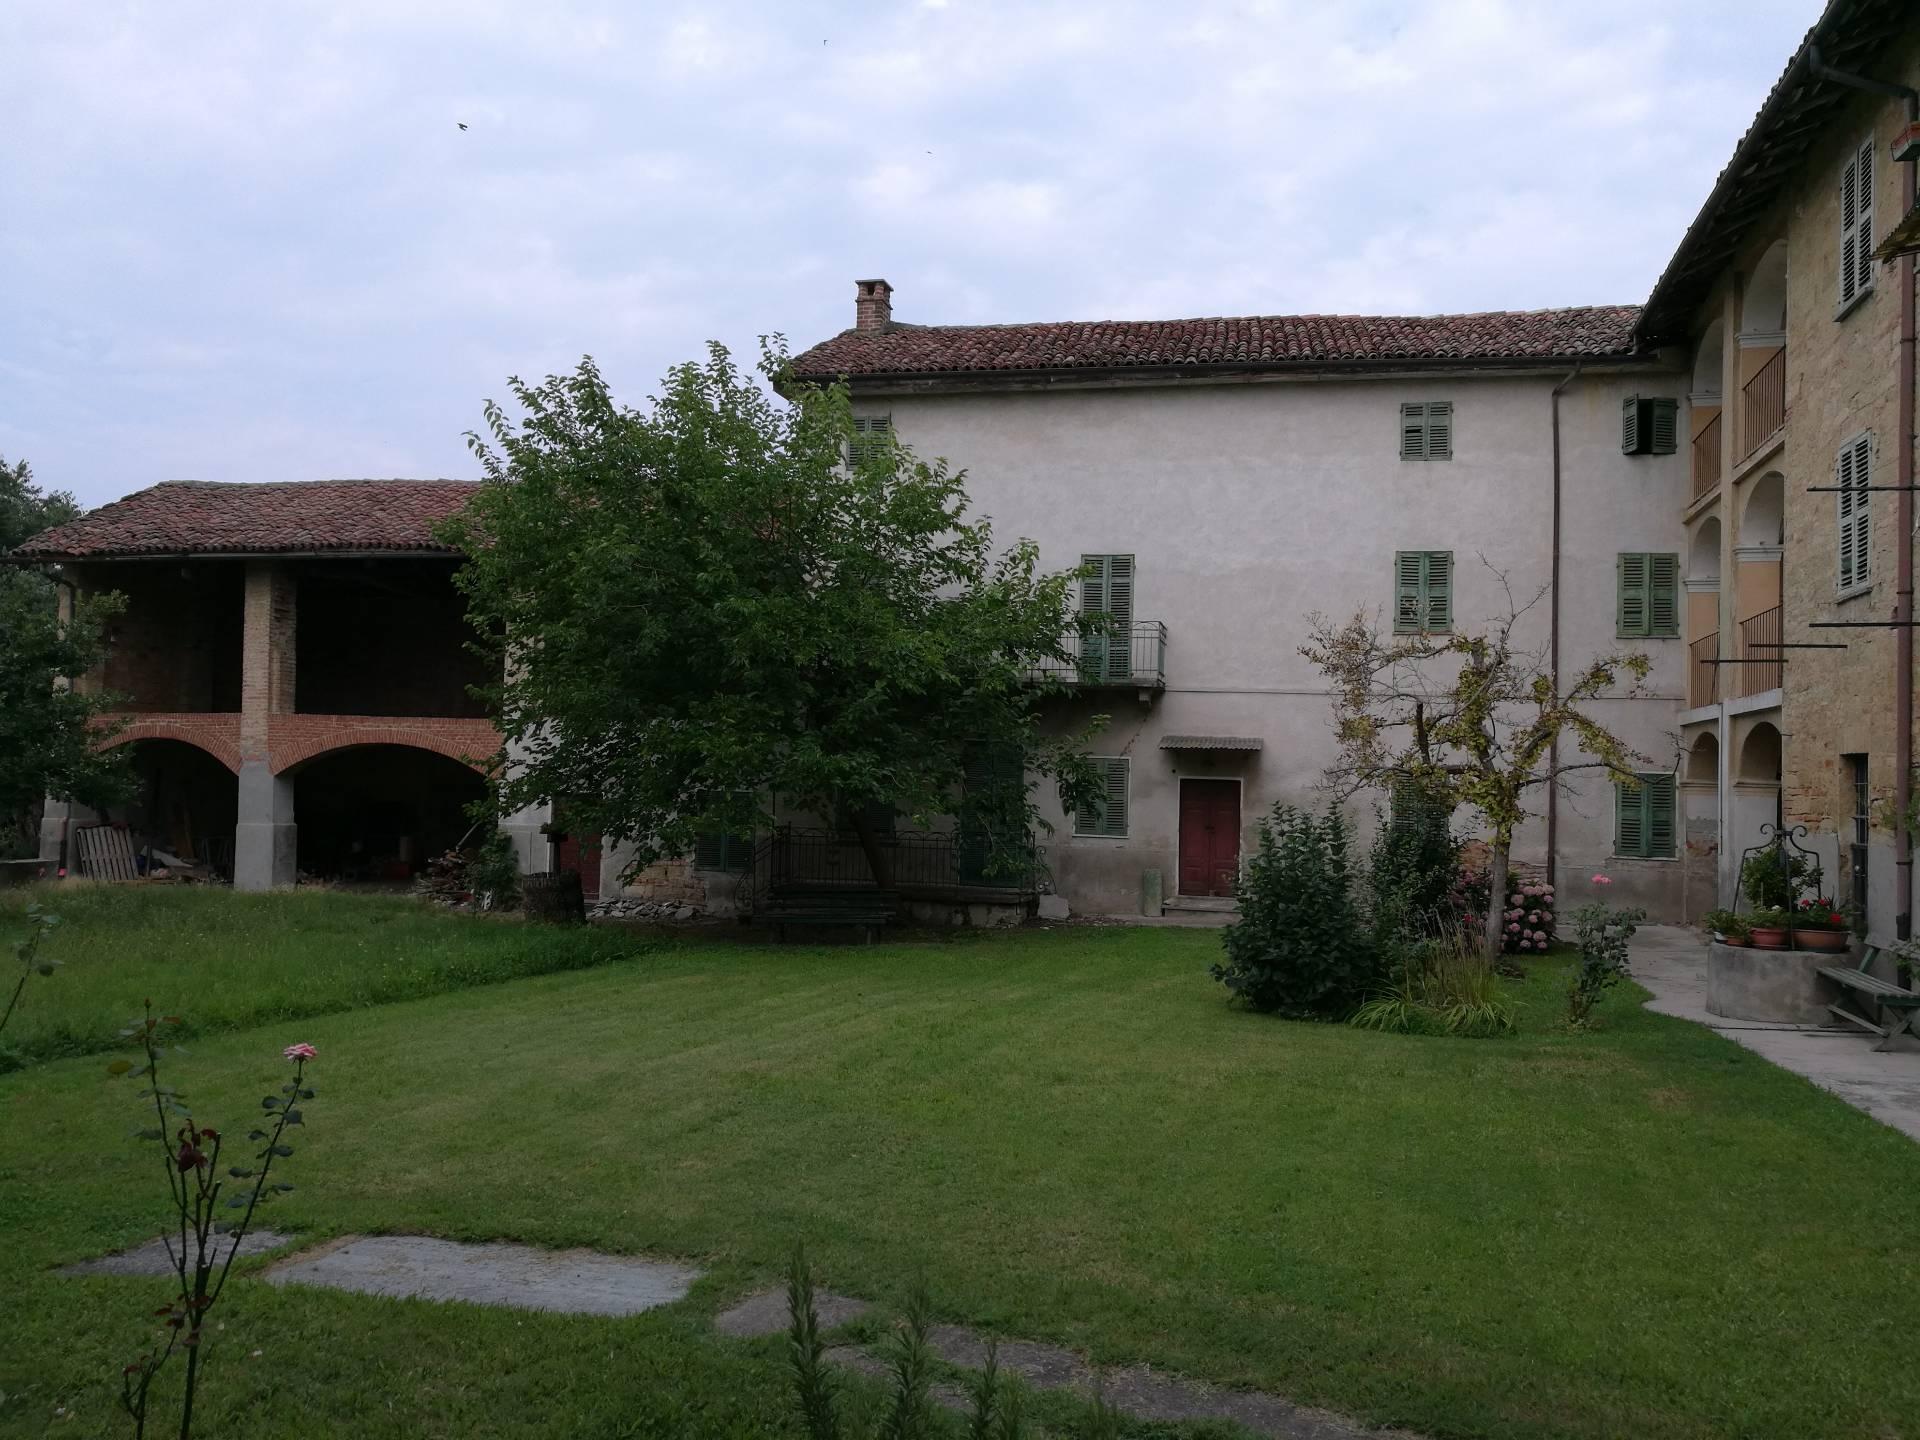 Montemagno, Via Principessa Iolanda